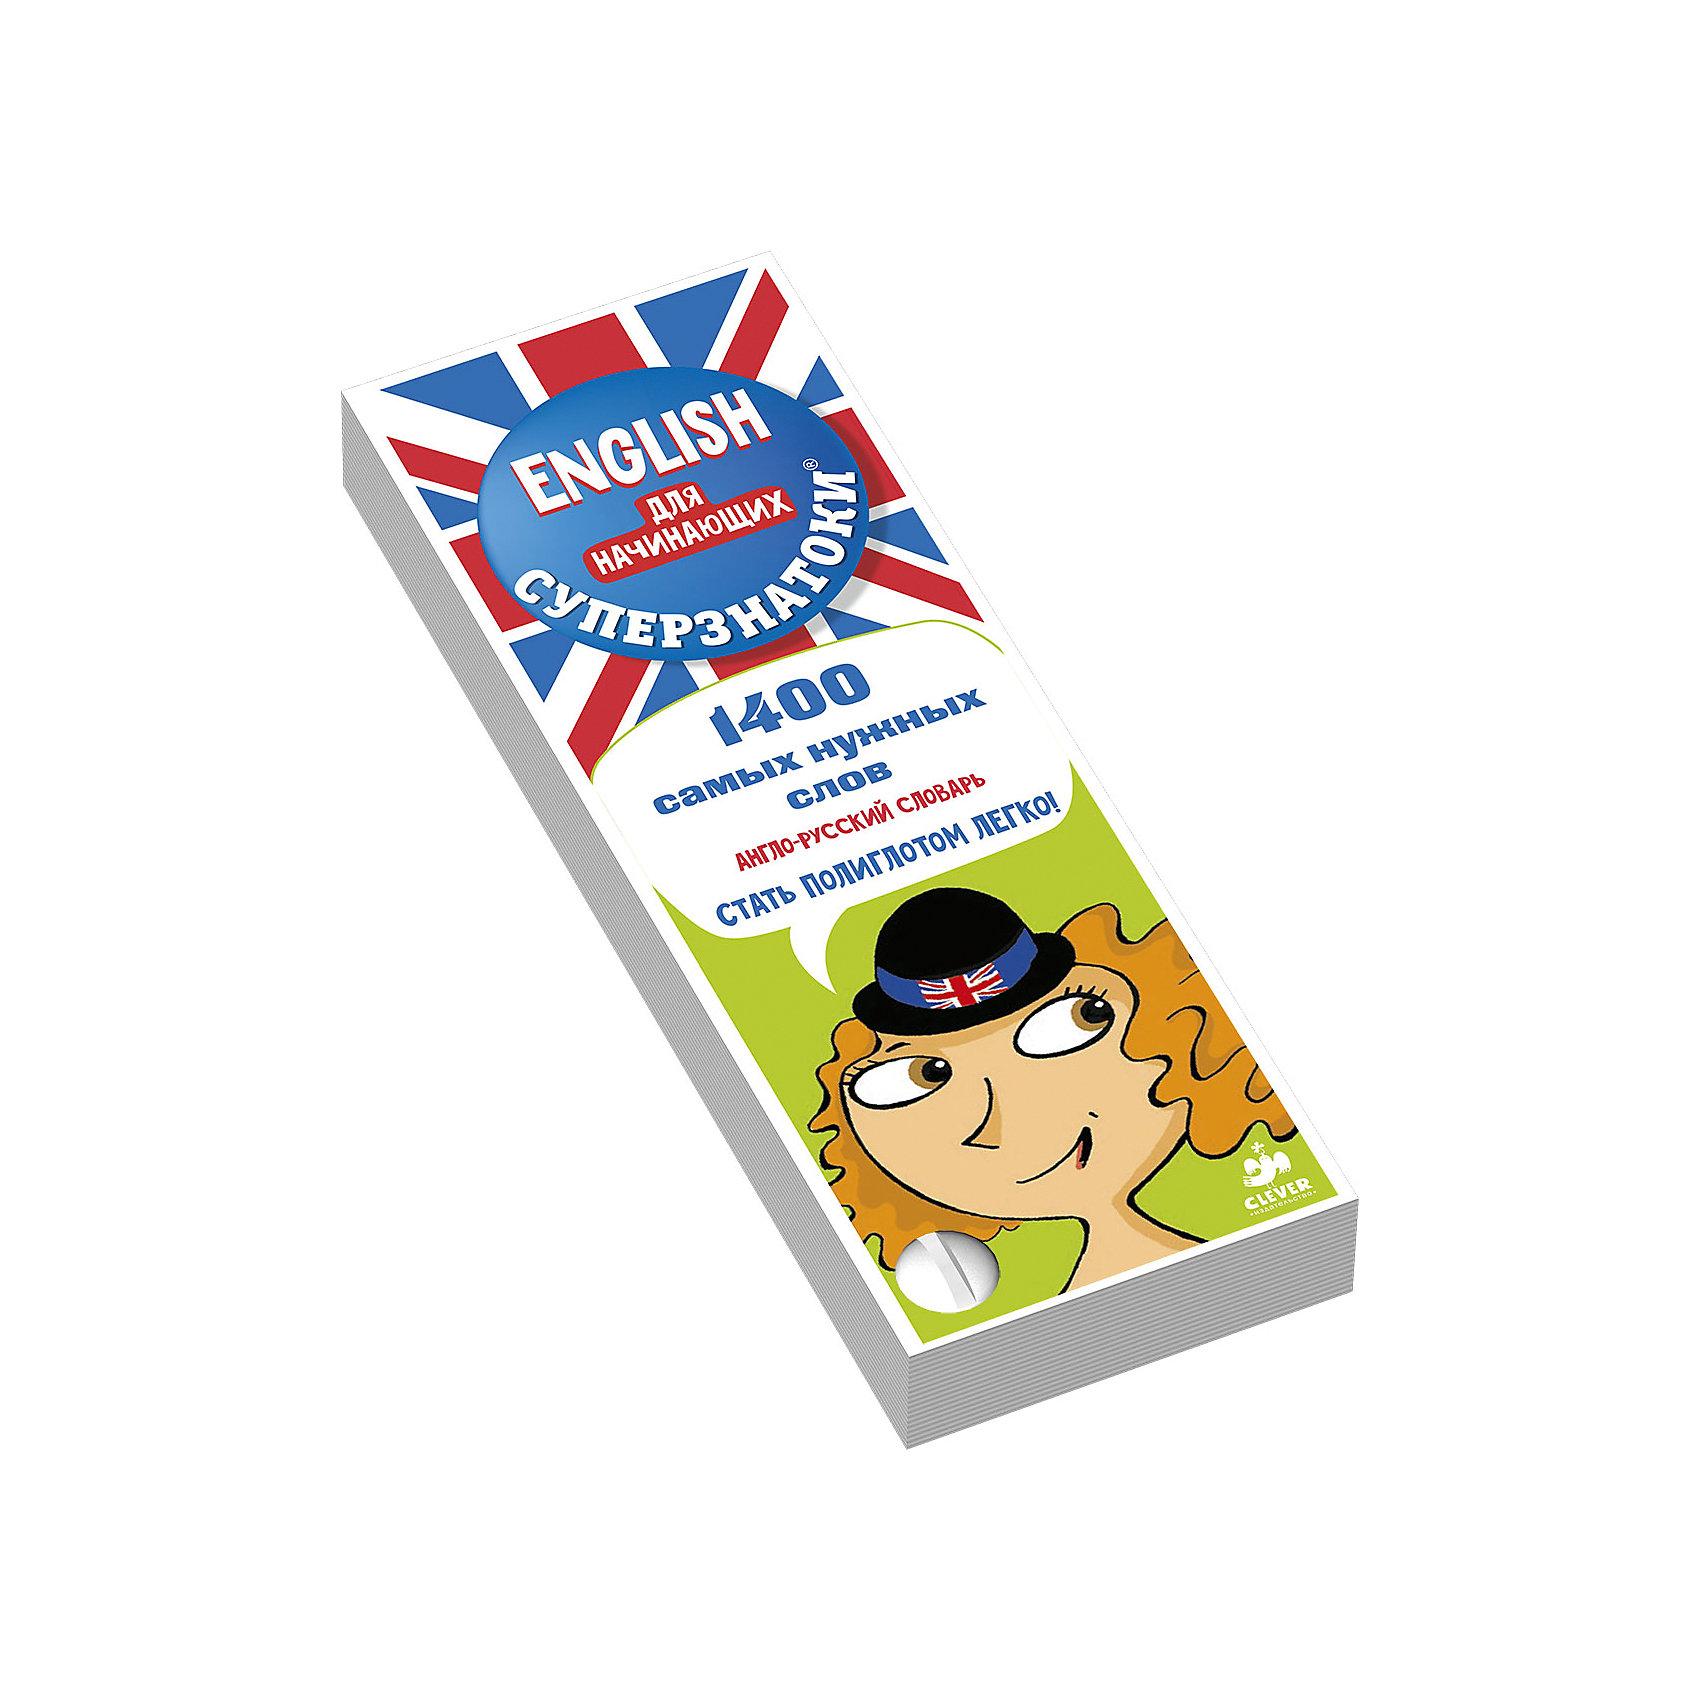 ENGLISH для начинающих 1400 самых нужных слов, СуперзнатокиОбучающие карточки<br>ENGLISH для начинающих 1400 самых нужных слов, Суперзнатоки<br><br>Характеристики:<br><br>• карточки рассортированы по русскому и английскому алфавиту<br>• важные правила и дополнения<br>• удобно взять с собой в дорогу<br>• издательство: Клевер-Медиа-Групп<br>• ISBN: 978-5-906824-63-9<br>• количество страниц: 65<br>• размер упаковки: 2х6х17,2 см<br>• вес: 200 грамм<br><br>1400 самых нужных слов - комплект обучающих карточек с самыми важными словами английского языка. Слова рассортированы по буквам английского и русского алфавита. На карточках напечатаны слова на русском языке и их перевод на английский язык. Каждая карточка дополнена важной информацией и правилами английского языка. В комплекте 65 карточек, включающих 1400 самых значимых слов.<br><br>ENGLISH для начинающих 1400 самых нужных слов, Суперзнатоки вы можете купить в нашем интернет-магазине.<br><br>Ширина мм: 172<br>Глубина мм: 60<br>Высота мм: 20<br>Вес г: 200<br>Возраст от месяцев: 84<br>Возраст до месяцев: 132<br>Пол: Унисекс<br>Возраст: Детский<br>SKU: 5377856